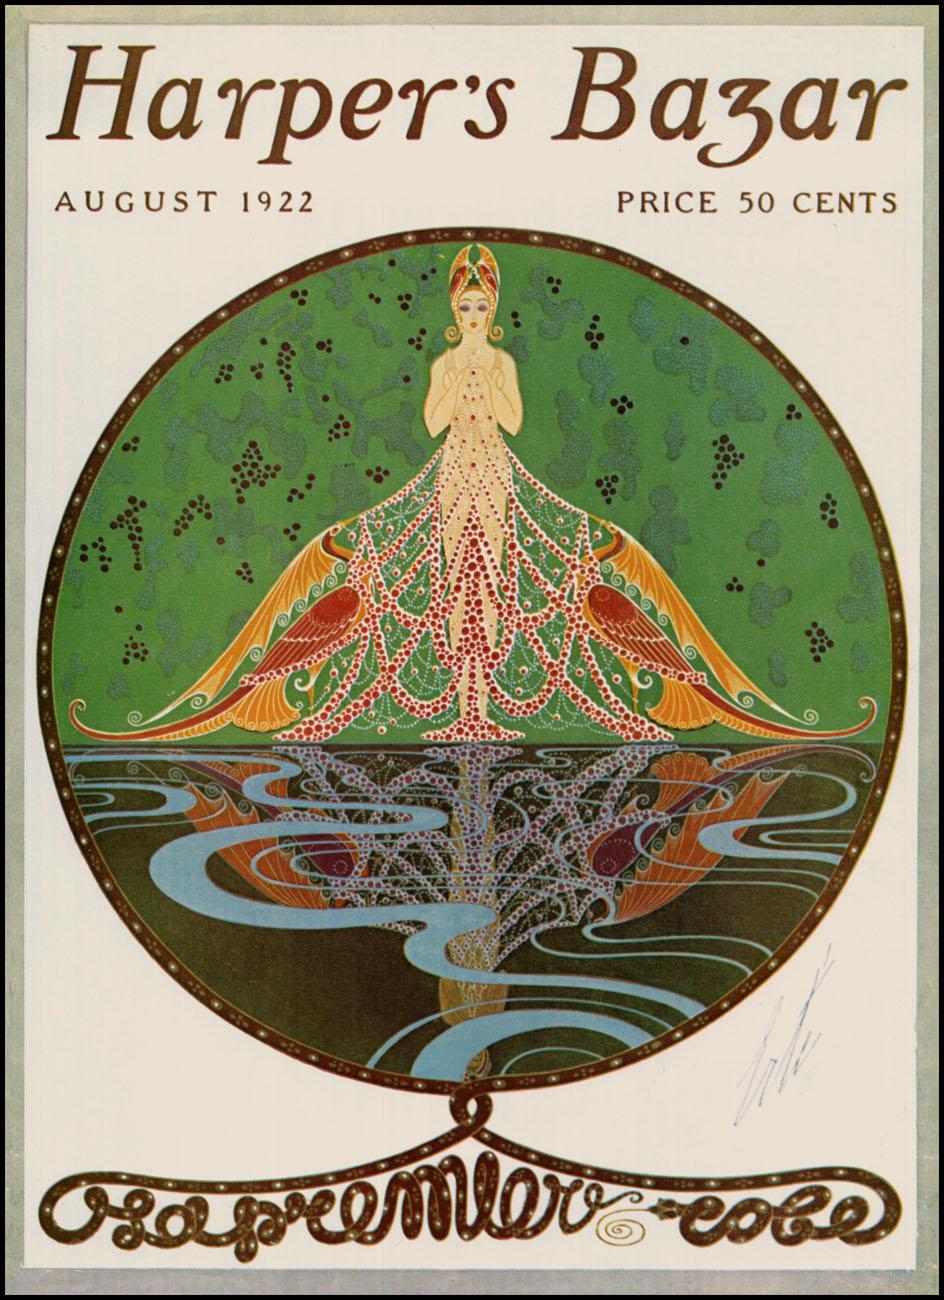 Art Deco Harper's Bazar cover by Erté,August 1922